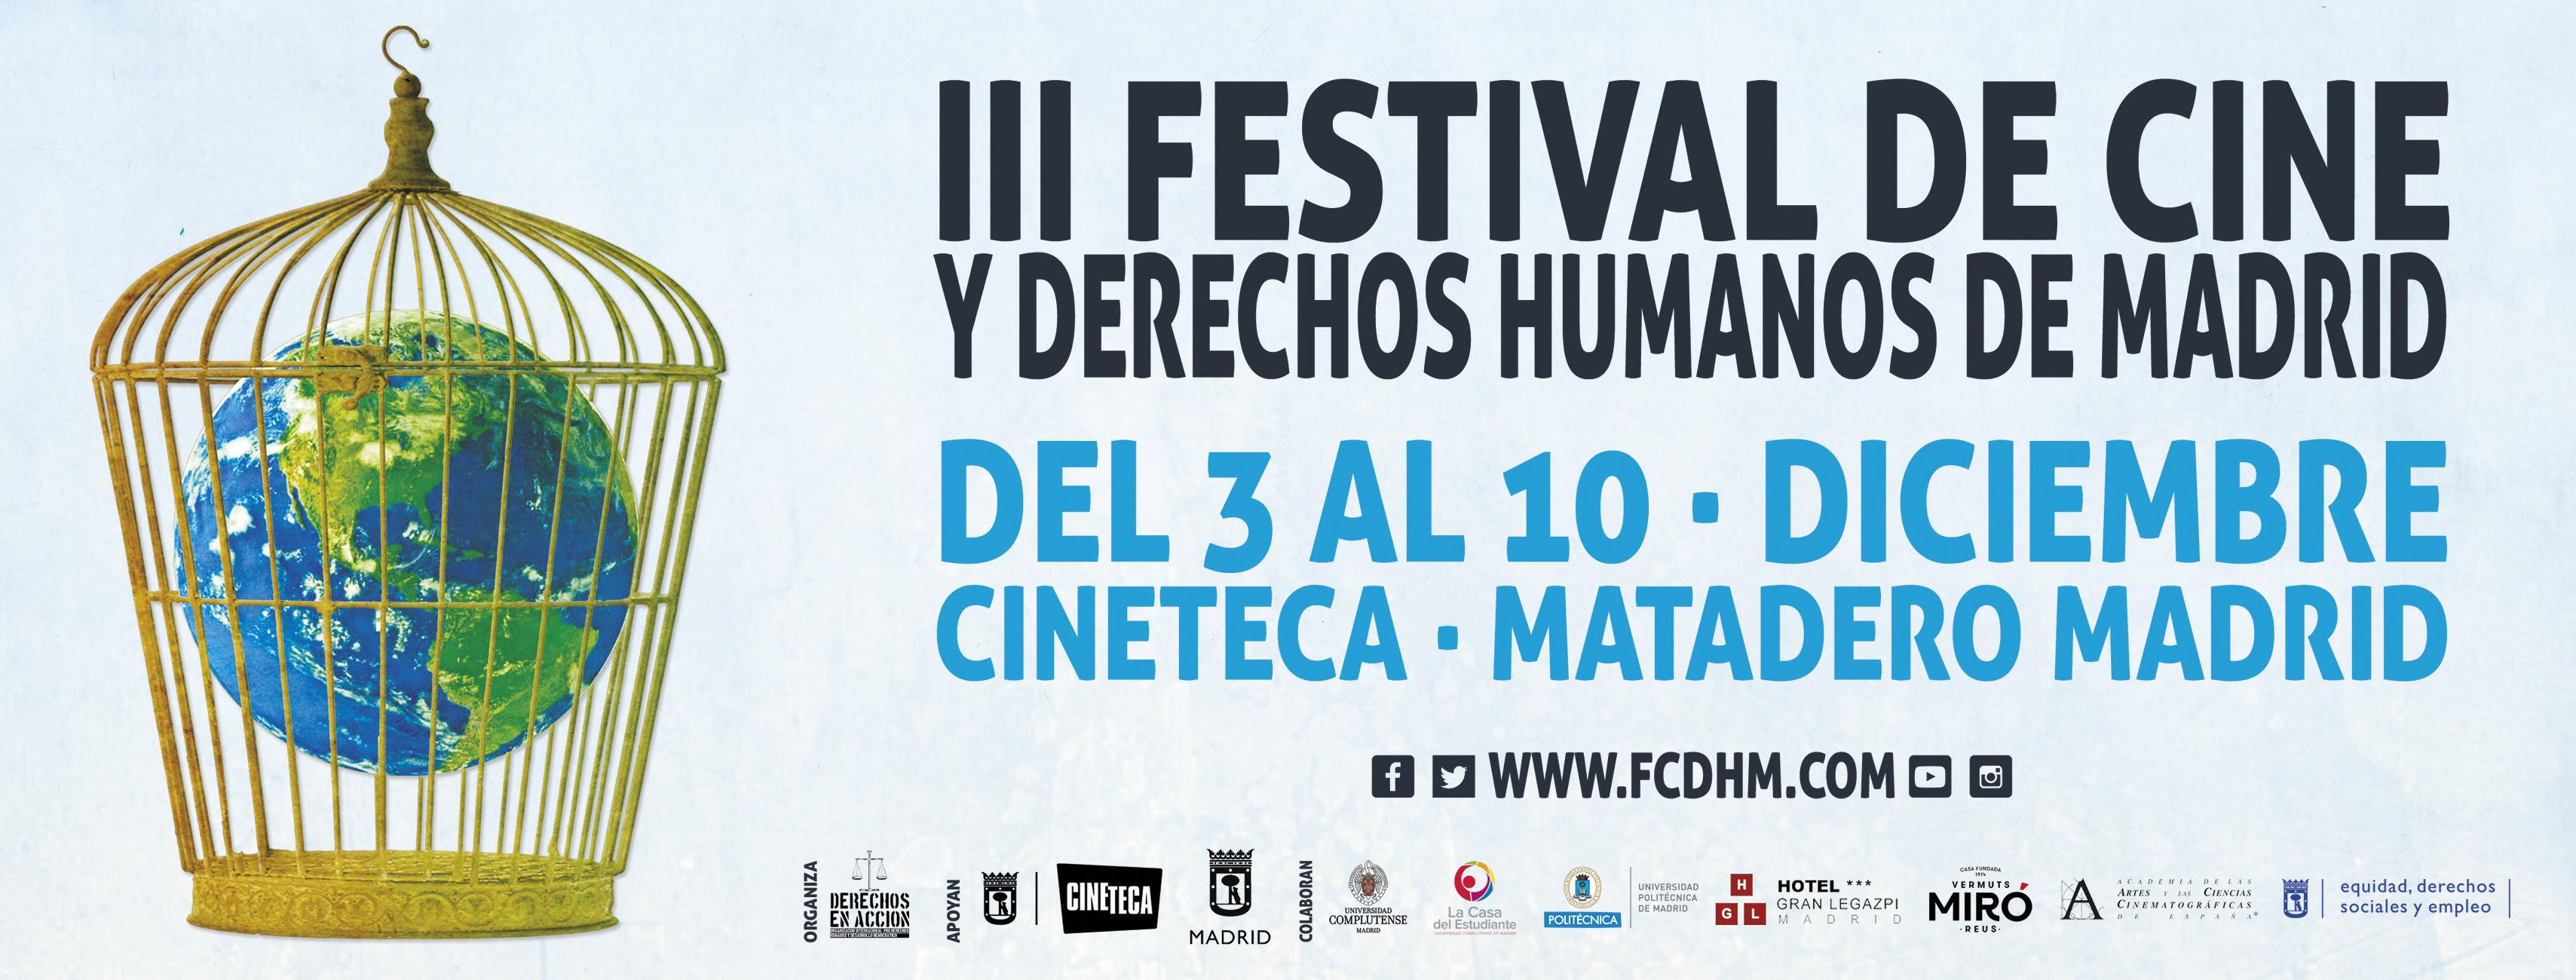 Santiago Maldonado y Lula da Silva galardonados en el Festival de Cine y Derechos Humanos de Madrid